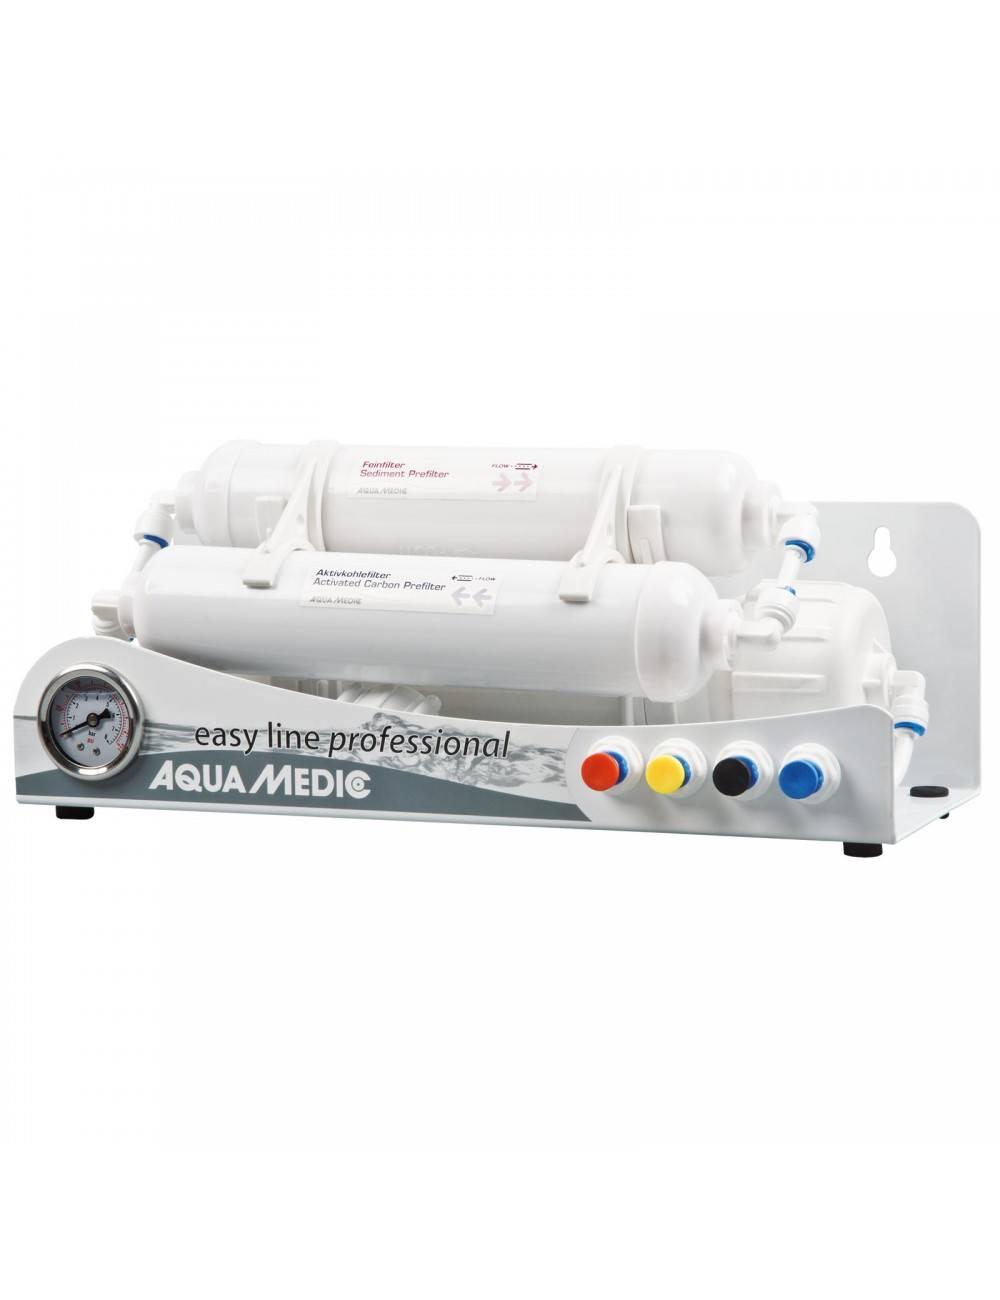 Aqua Medic - Easy Line Professional 100 - 300 L/H - Unité d'osmose inverse